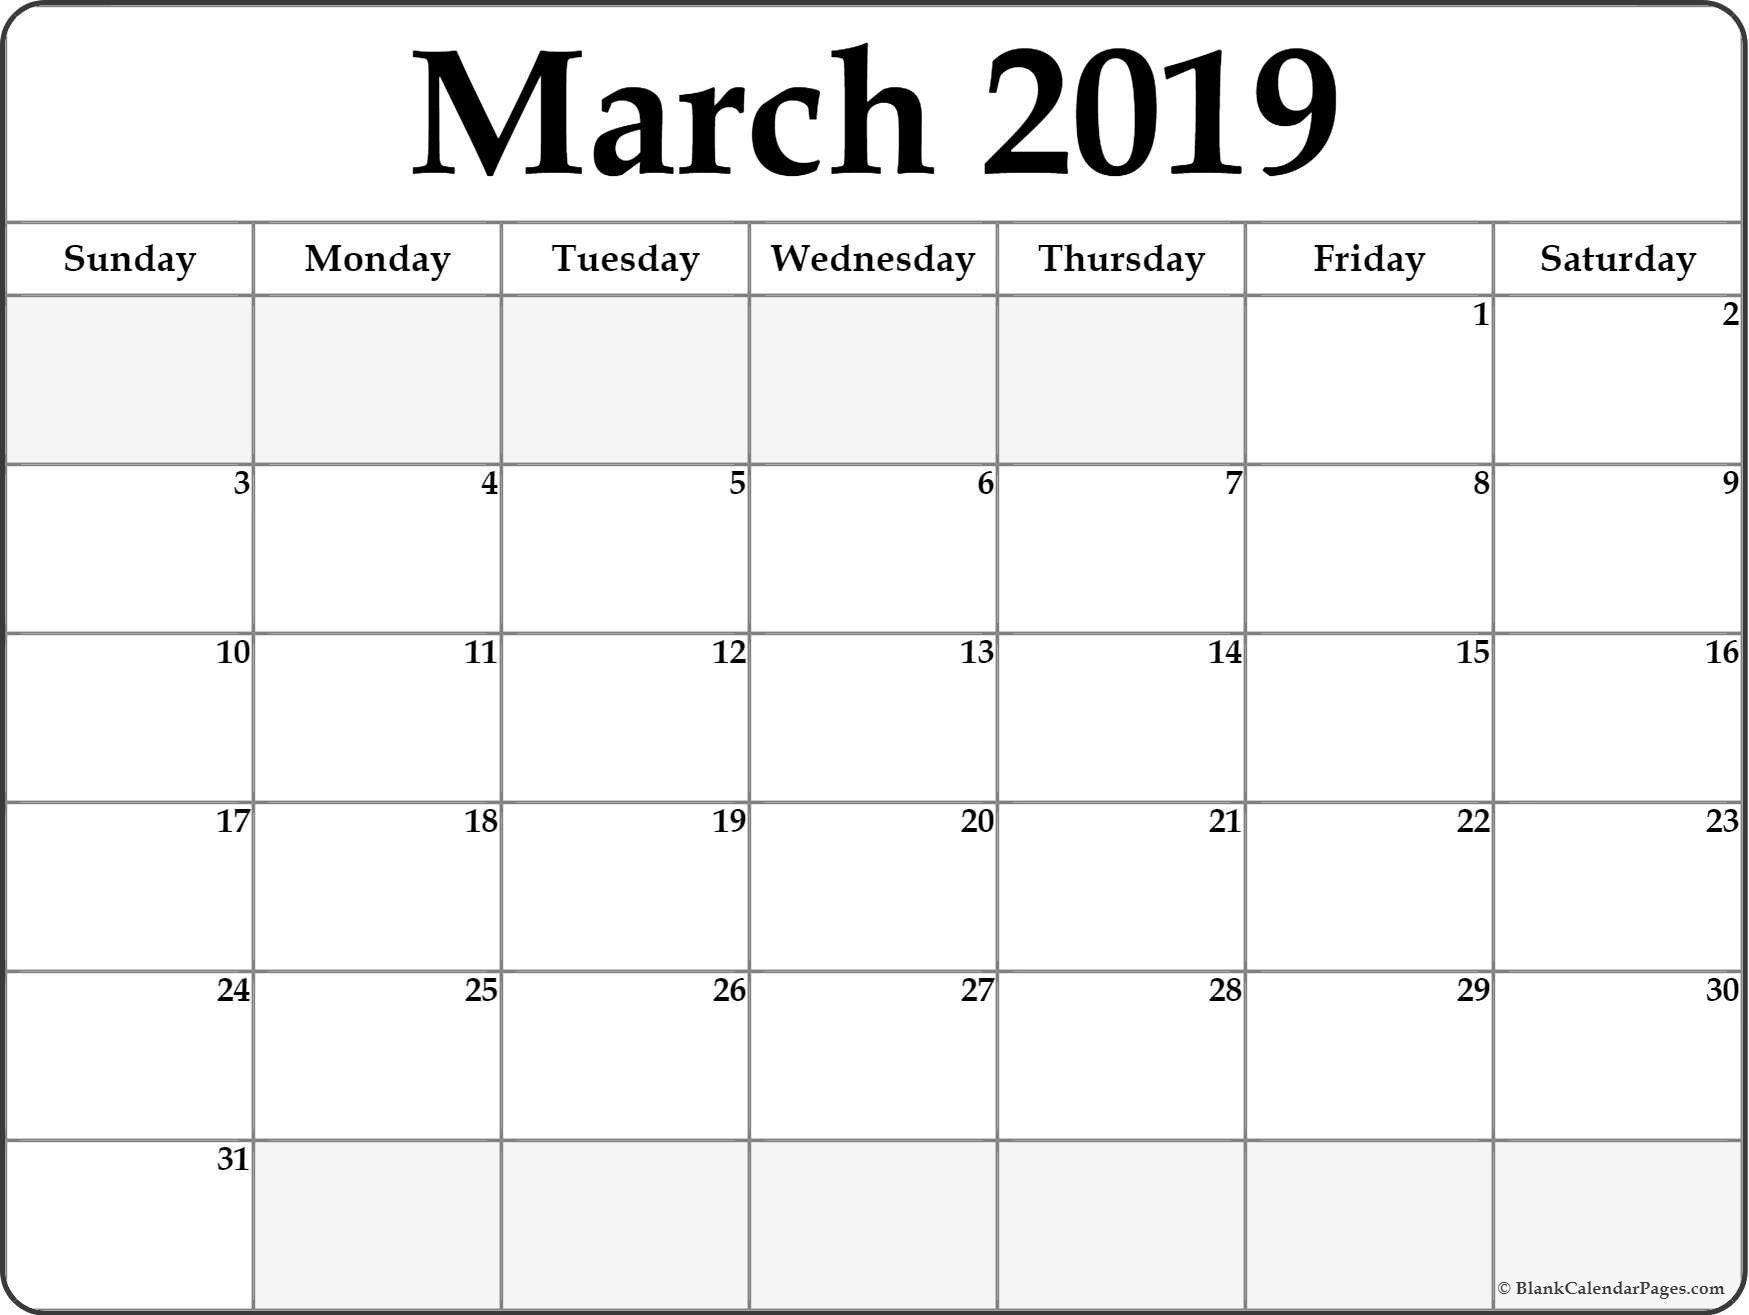 March 2019 Blank Calendar Collection. March 2 2019 Calendar